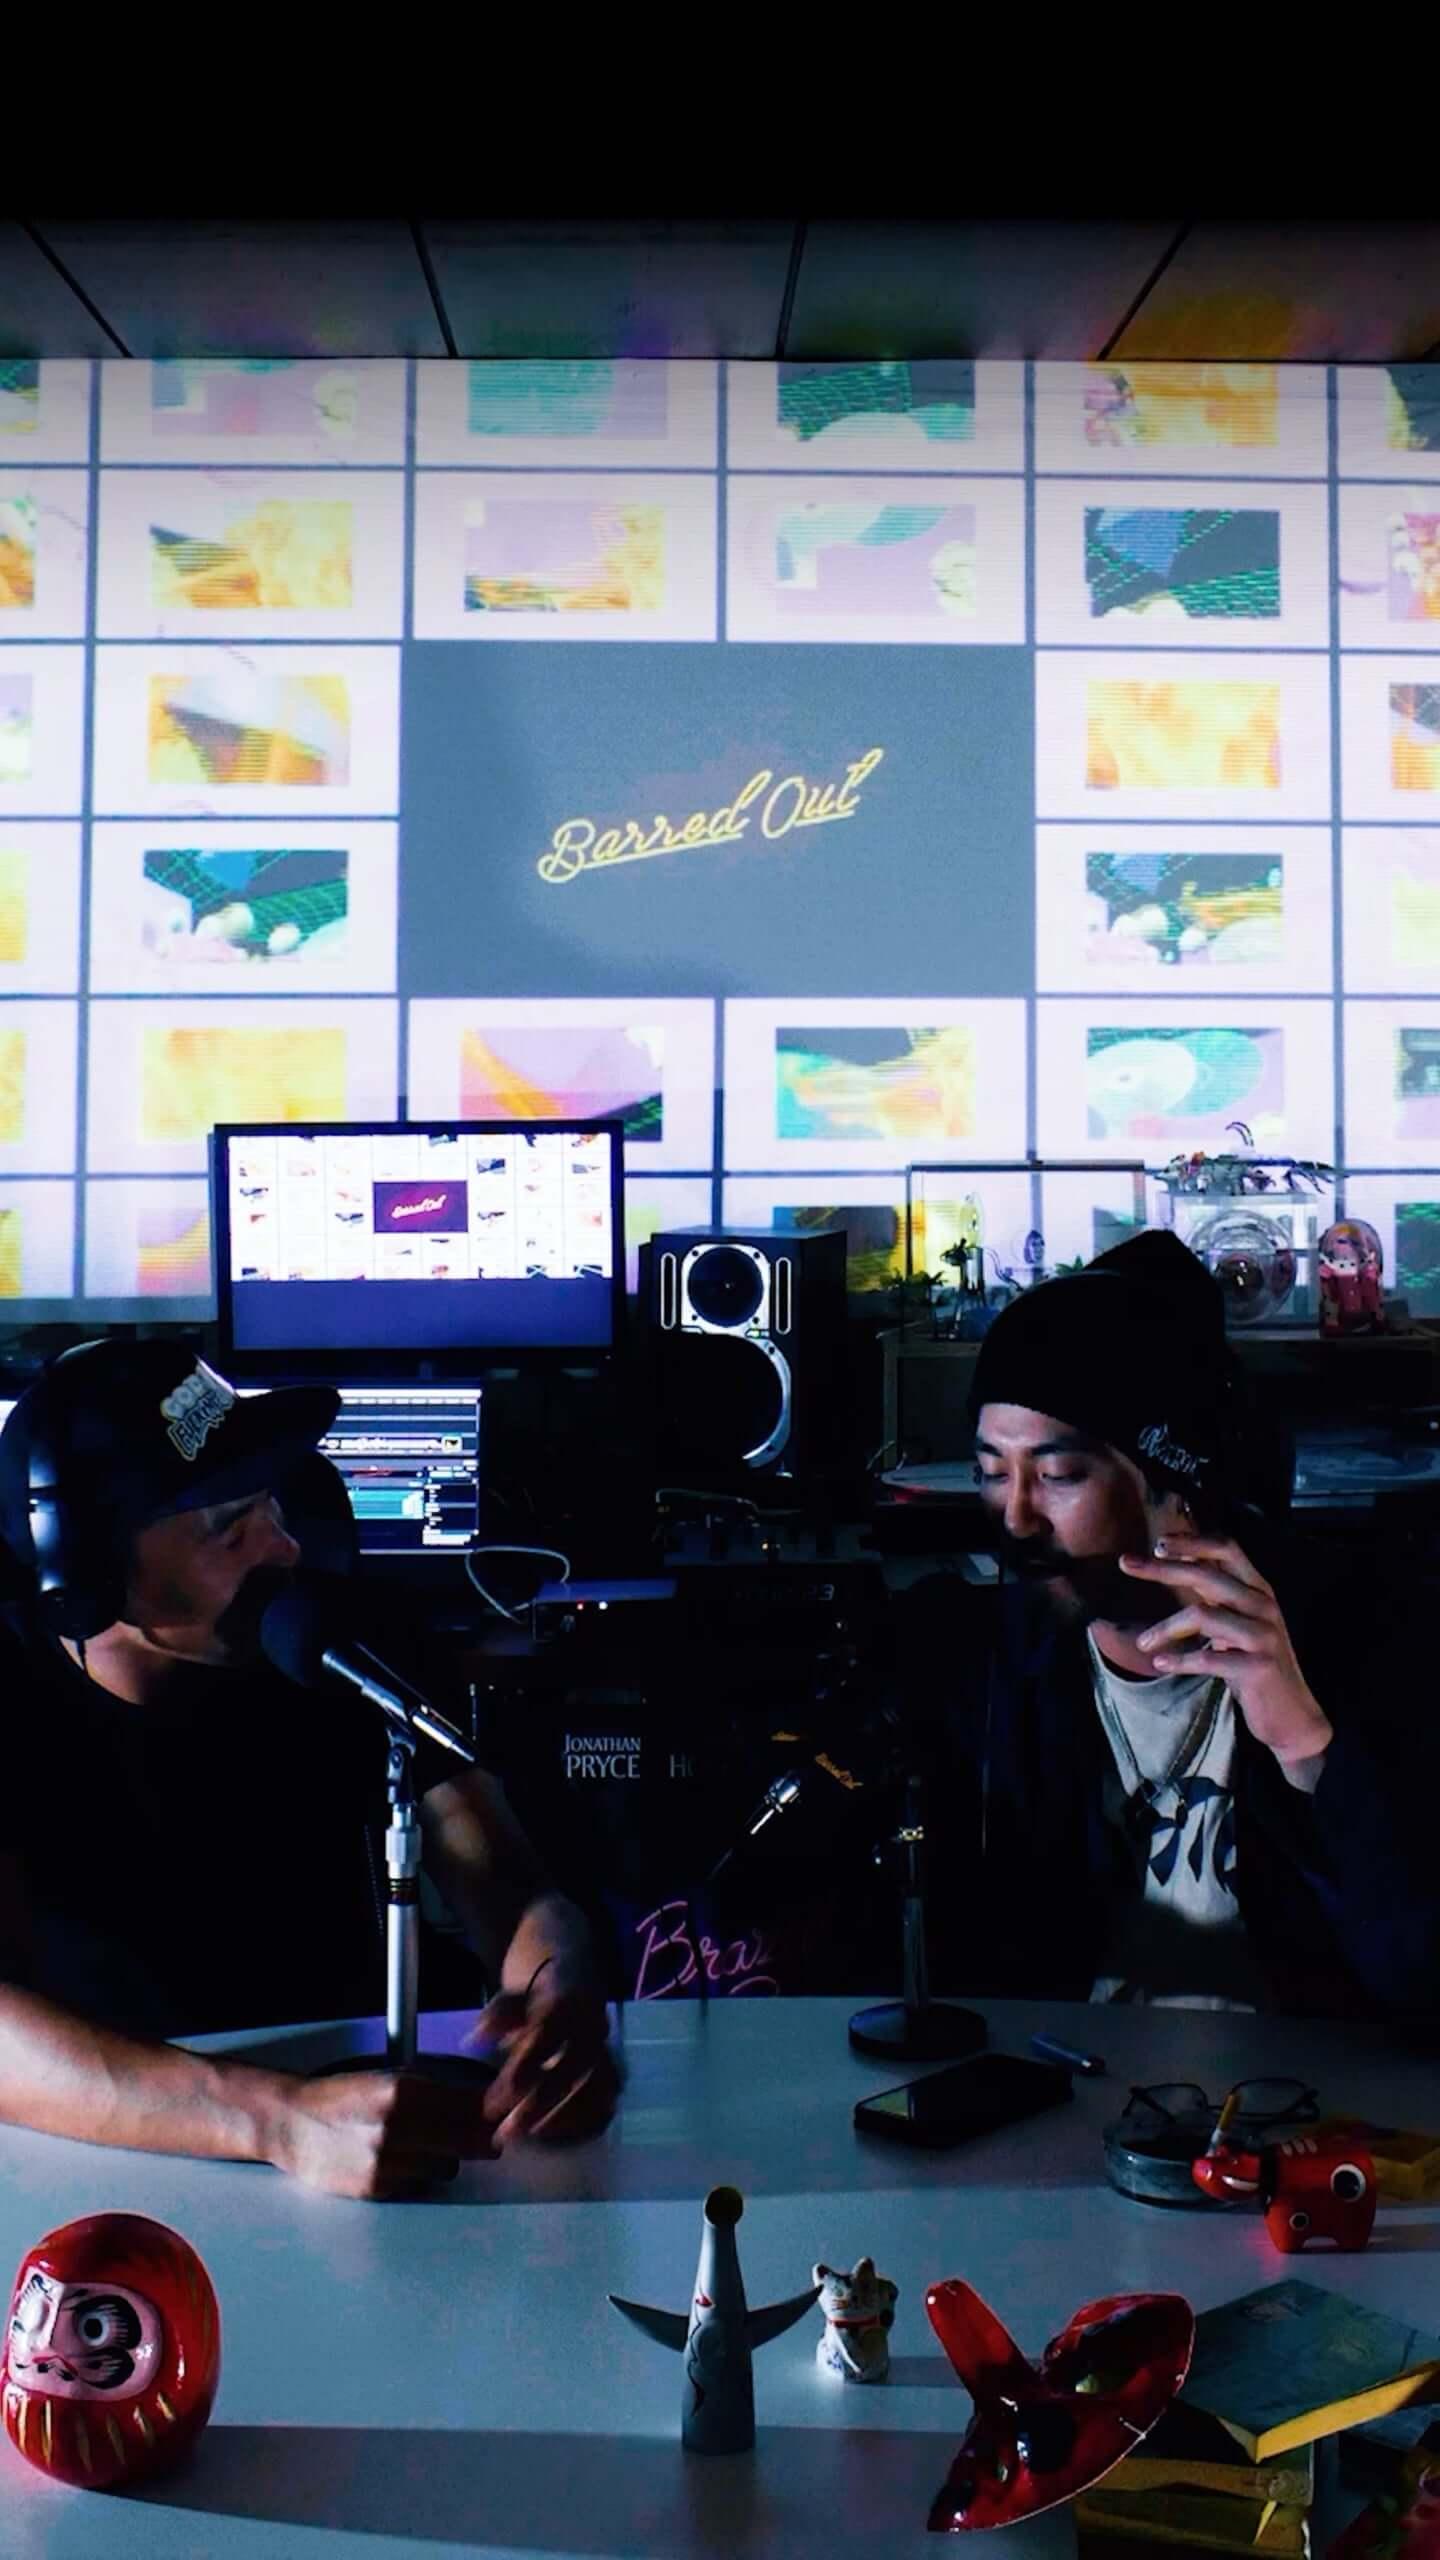 ミライがホストのYouTubeチャンネル「Barred Out Freestyle」がスタート|Zeebra、Jin Doggがゲストでフリースタイルを披露! music191217_barredout_05-1440x2560